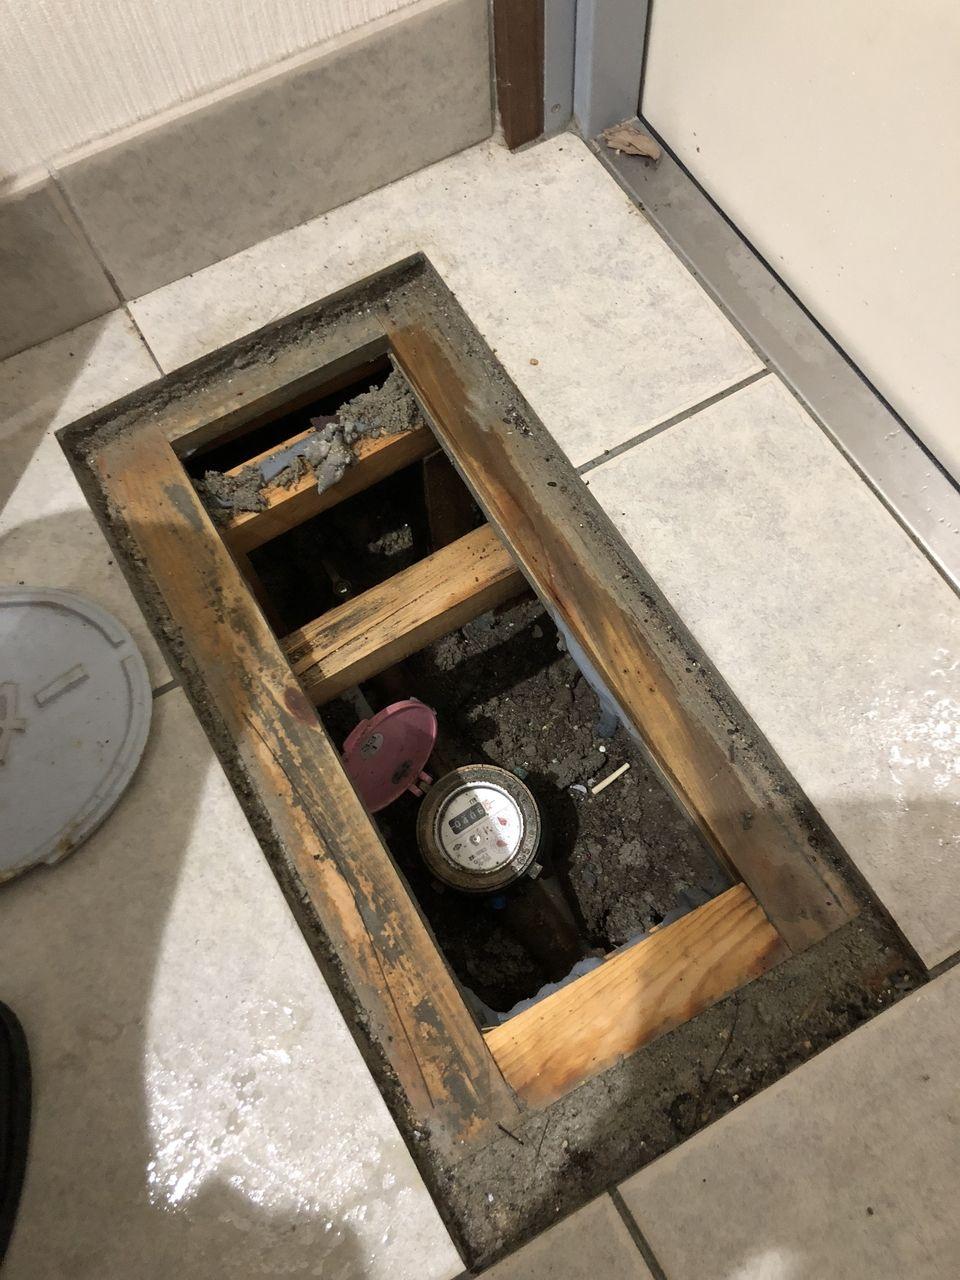 水漏れの原因箇所特定は難しい